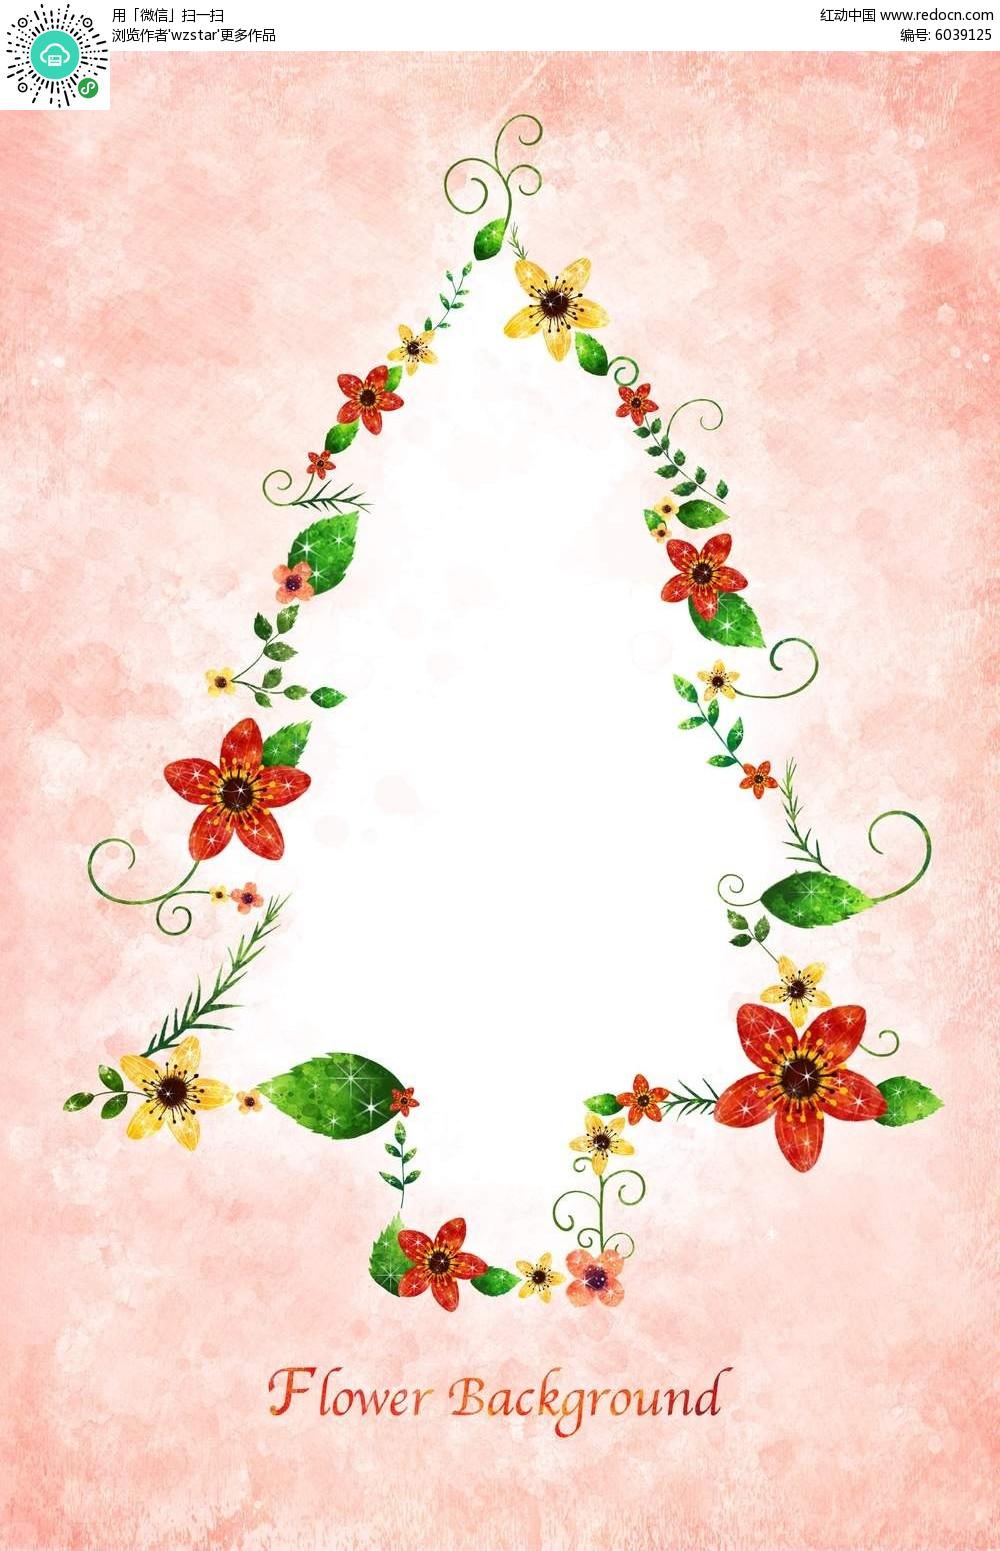 圣诞树花边贺卡封面设计